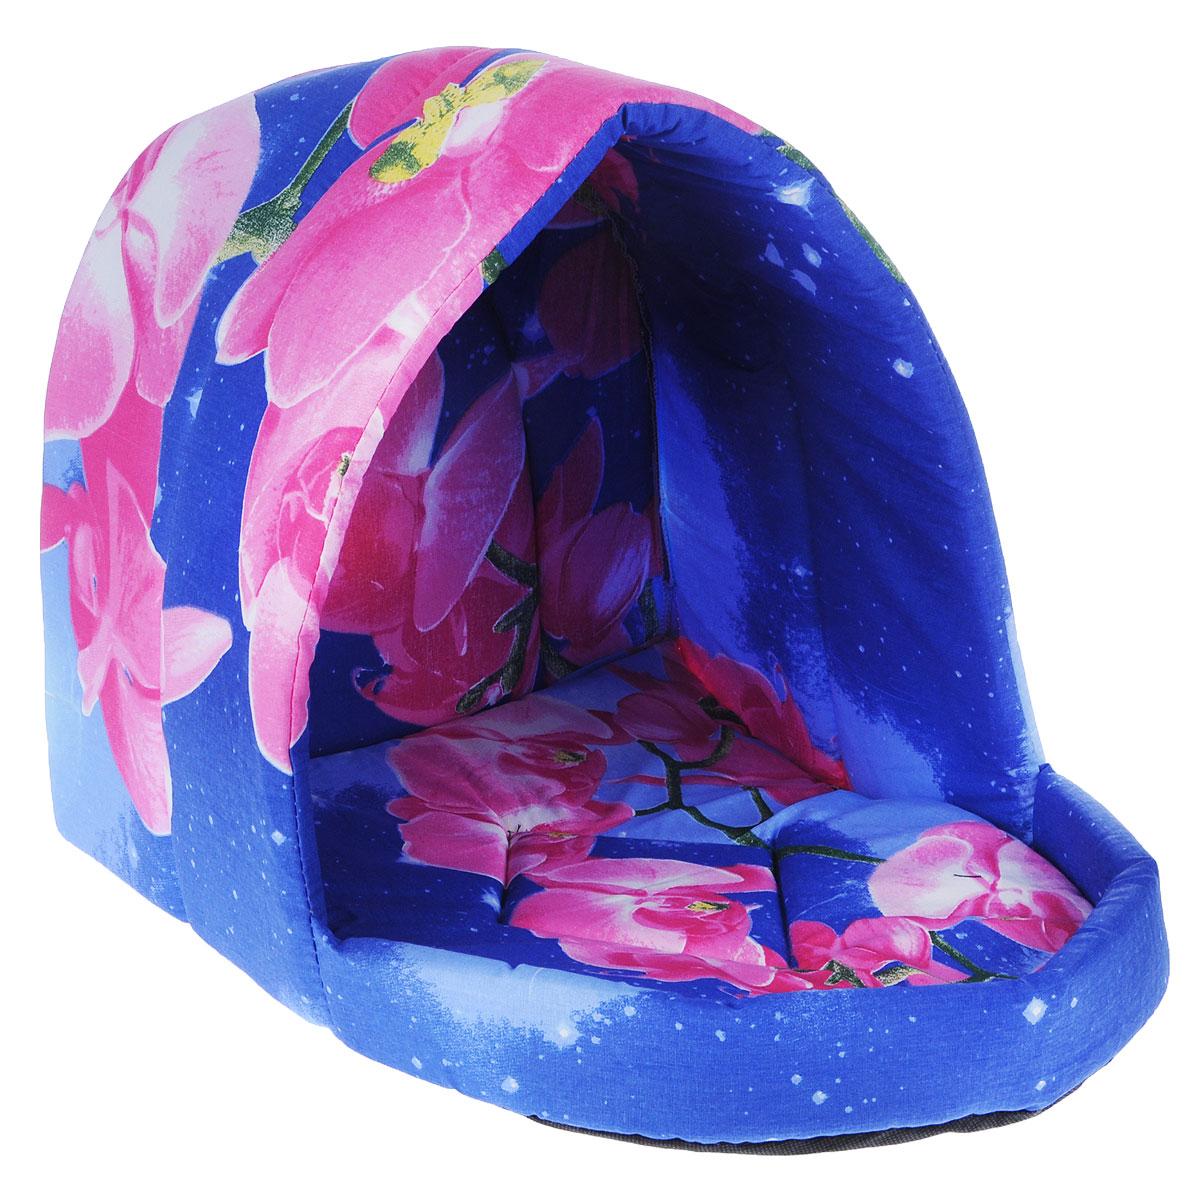 Лежак для животных Elite Valley Люлька, цвет: синий, розовый, 50 х 38 х 38 см. Л-11/4Л-11/4_синий, розовыйЛежак Elite Valley Люлька непременно станет любимым местом отдыха вашего домашнего животного. Изделие выполнено из бязи и нетканого материала, а наполнитель - из поролона. Такой материал не теряет своей формы долгое время. Внутри имеется мягкая съемная подстилка. На таком лежаке вашему любимцу будет мягко и тепло. Он подарит вашему питомцу ощущение уюта и уединенности, а также возможность спрятаться.